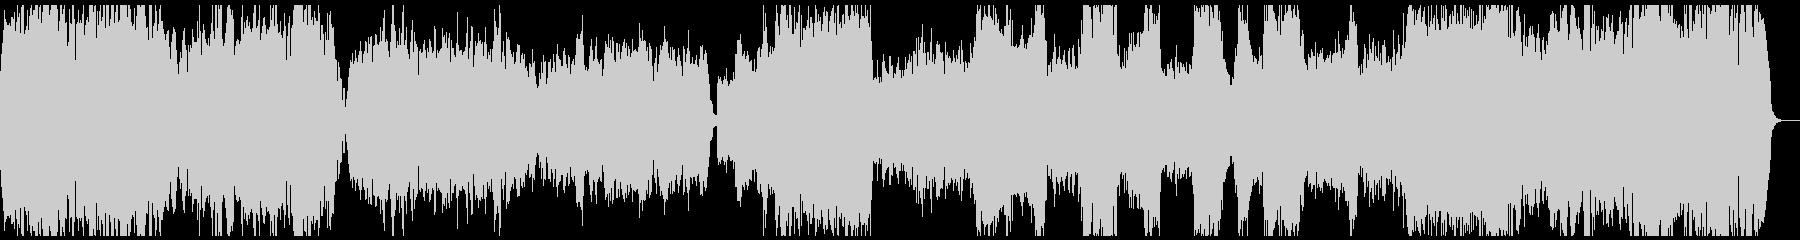 BWV1067/1『序曲』バッハの未再生の波形